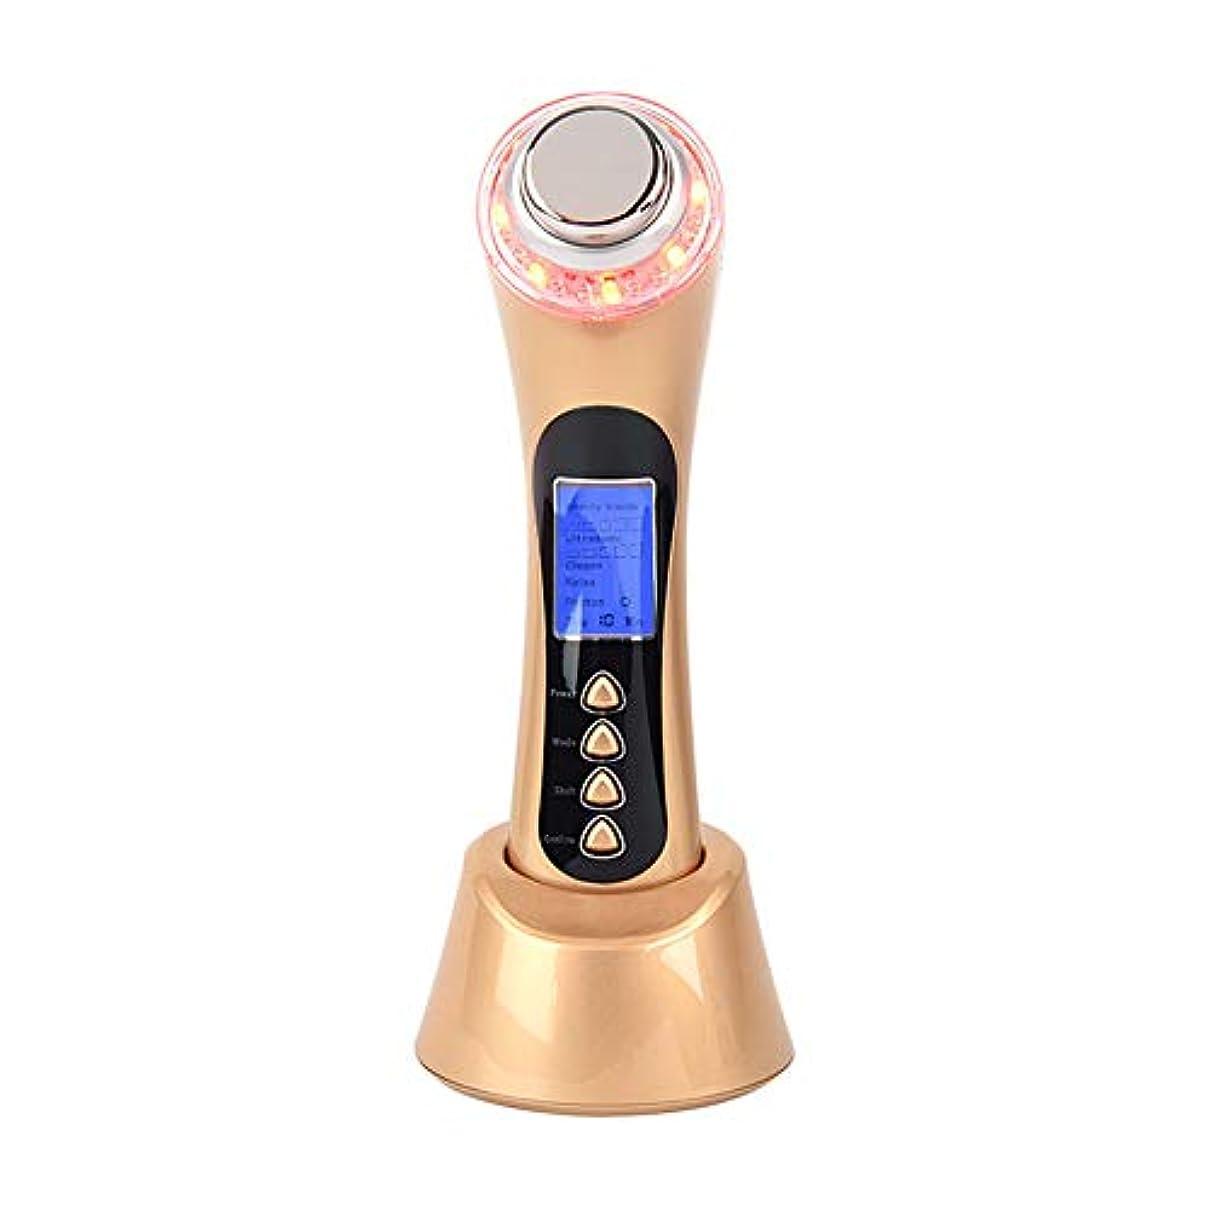 ごみ薬用恐怖症フェイシャルマッサージャー5-in-1イオンクリーナーと赤/青/緑LED光線療法装置により、にきび/にきびのインポート栄養反しわ復活USB充電式